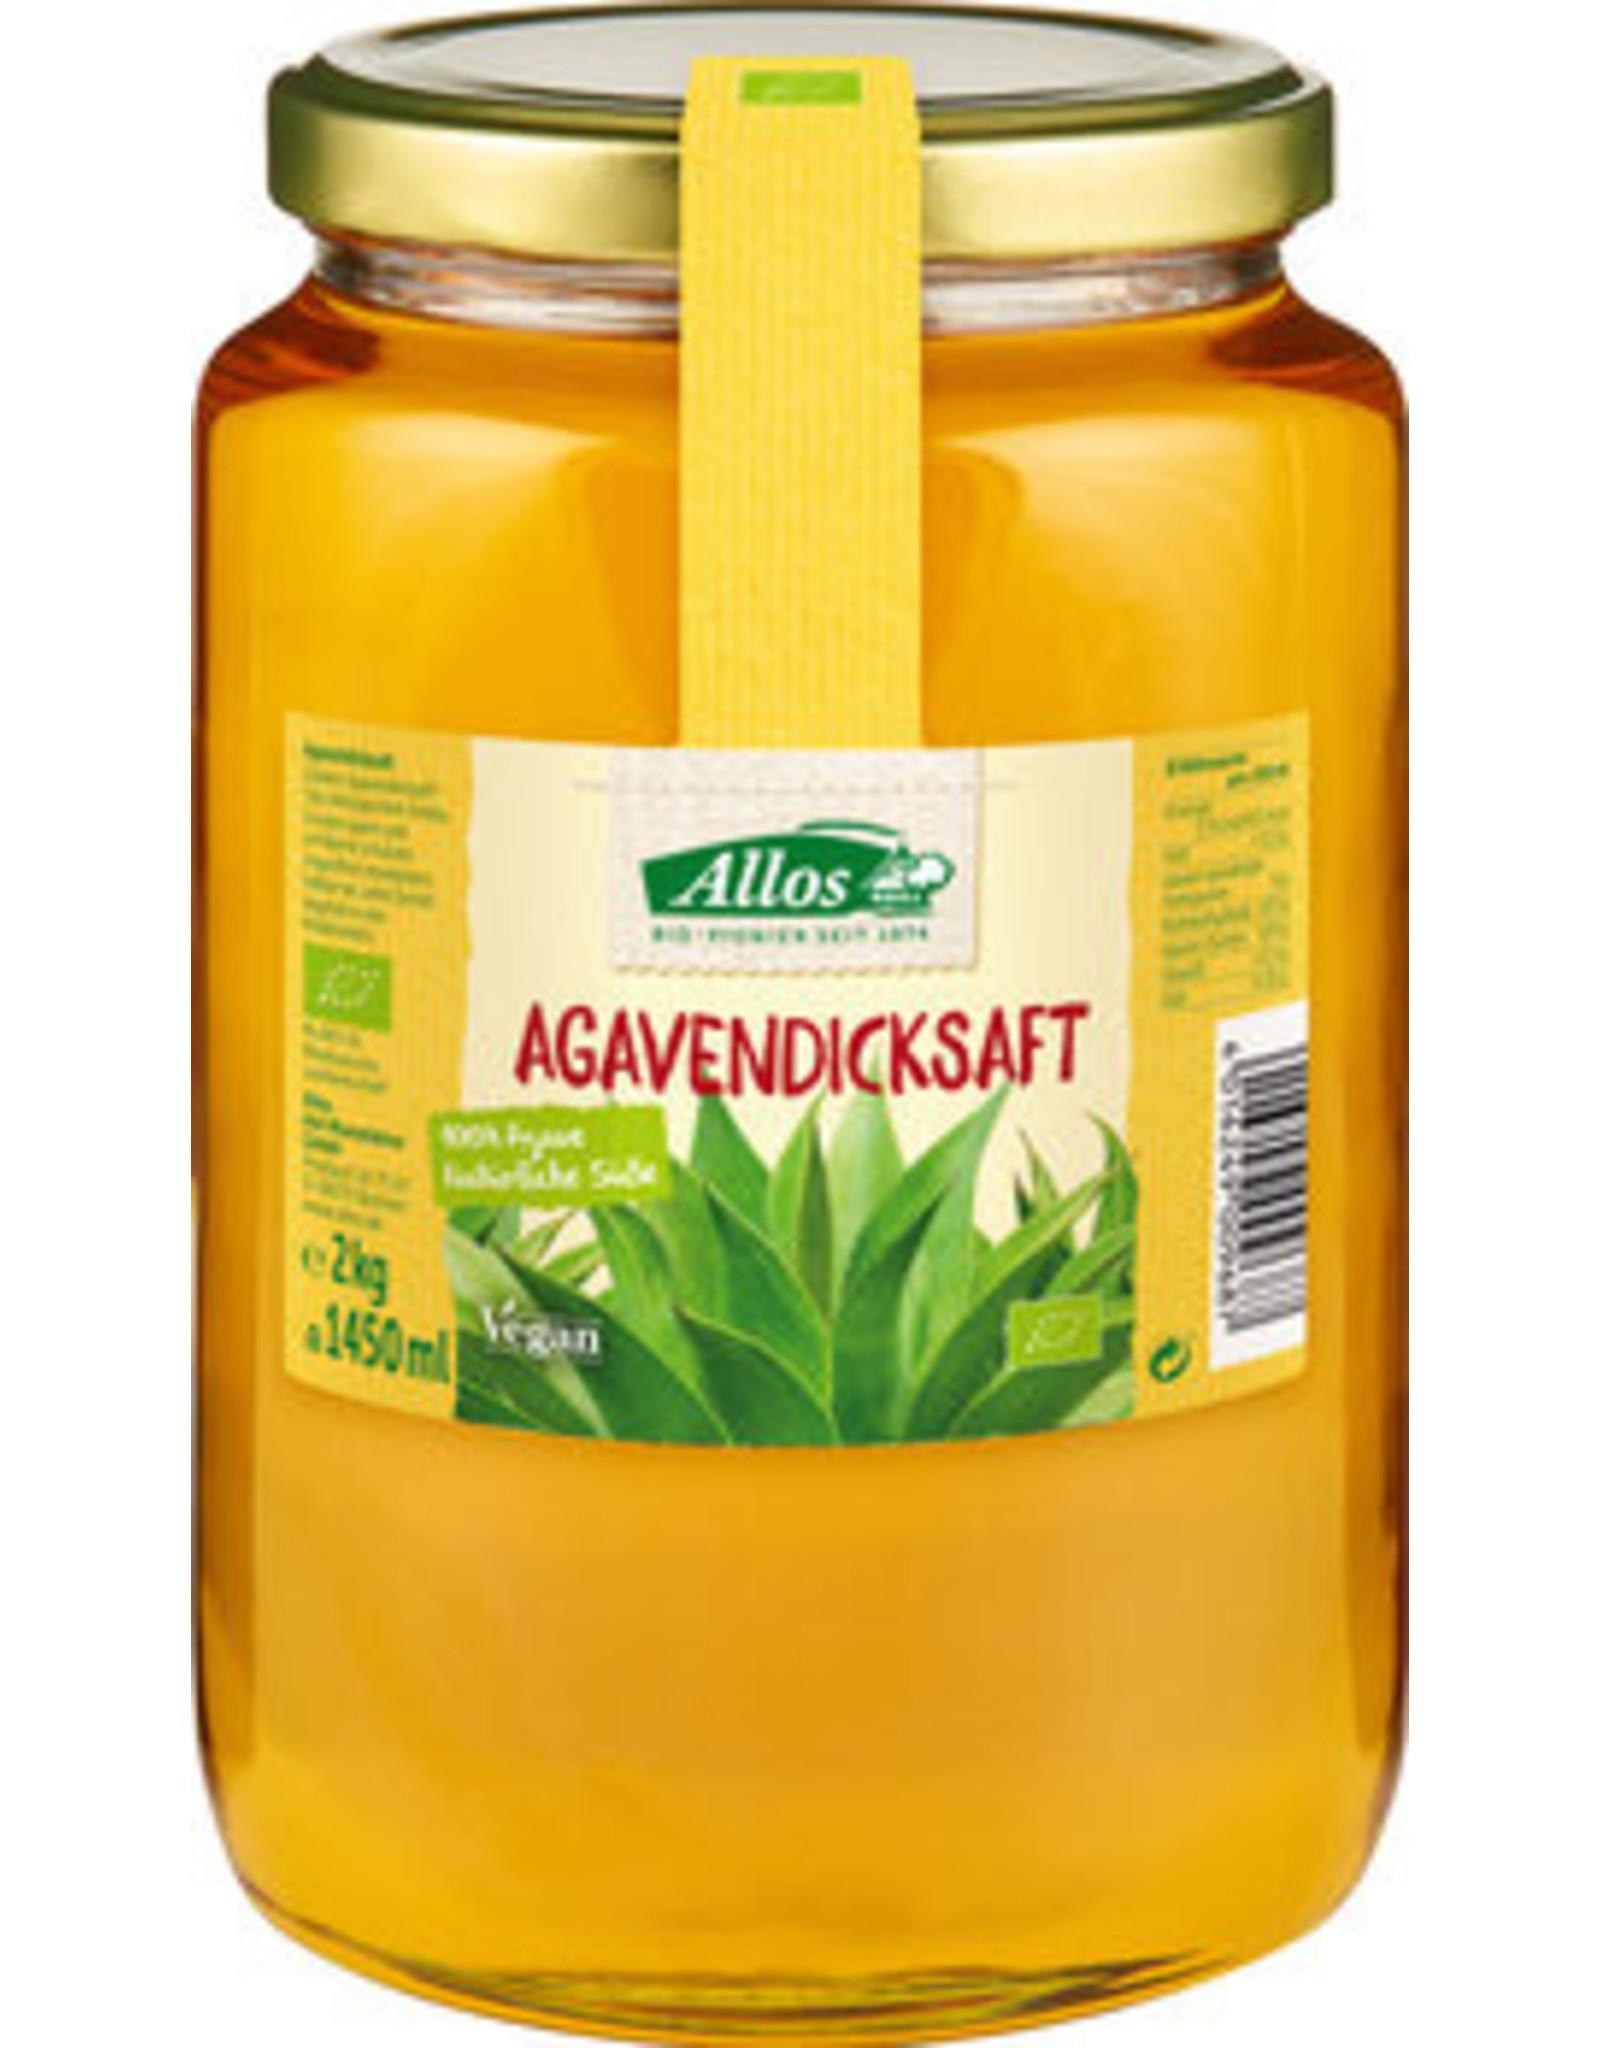 Allos Vaso de jarabe de agave 2 kg